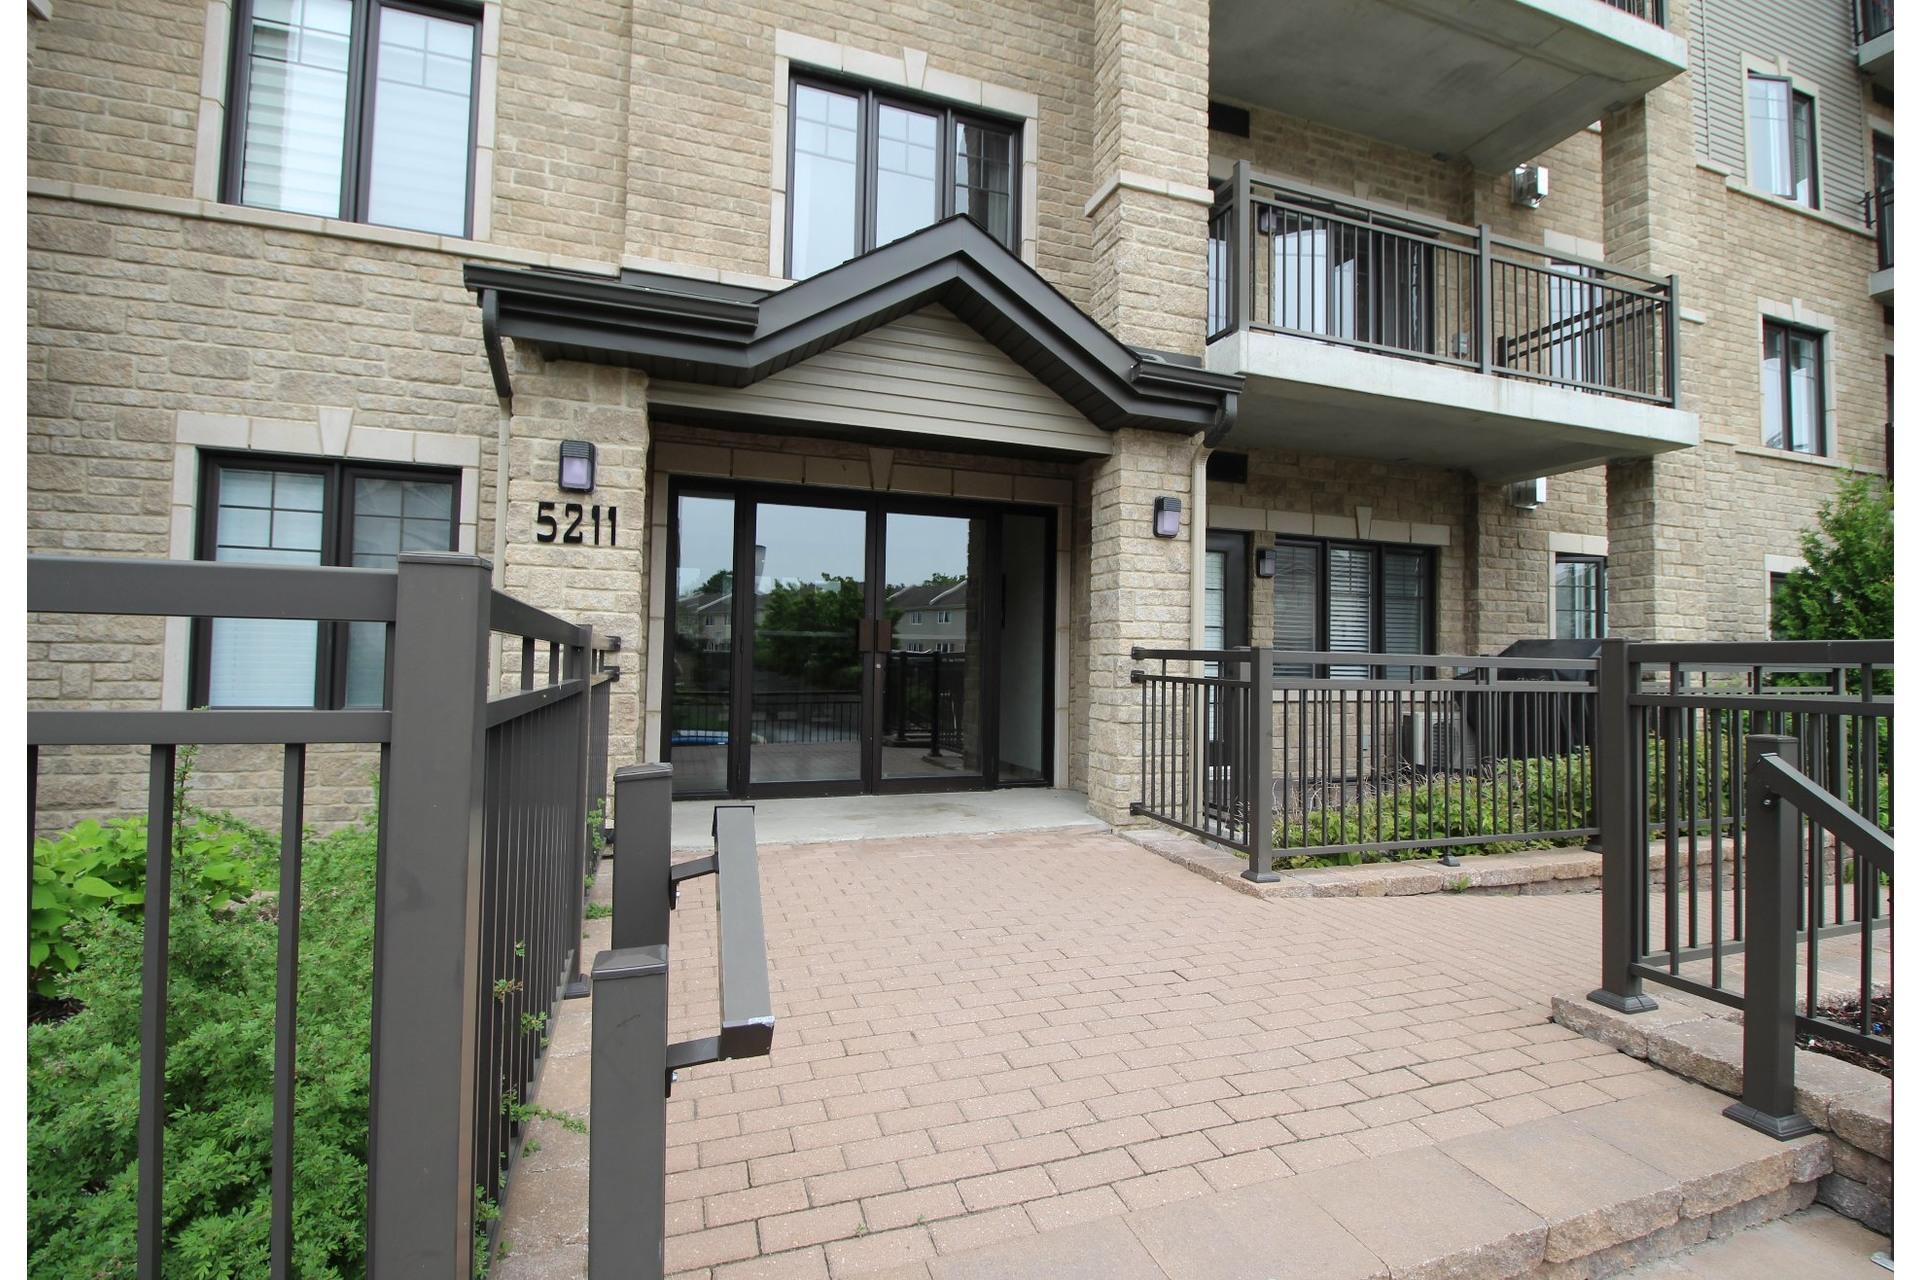 image 17 - Apartment For sale Montréal Pierrefonds-Roxboro  - 7 rooms